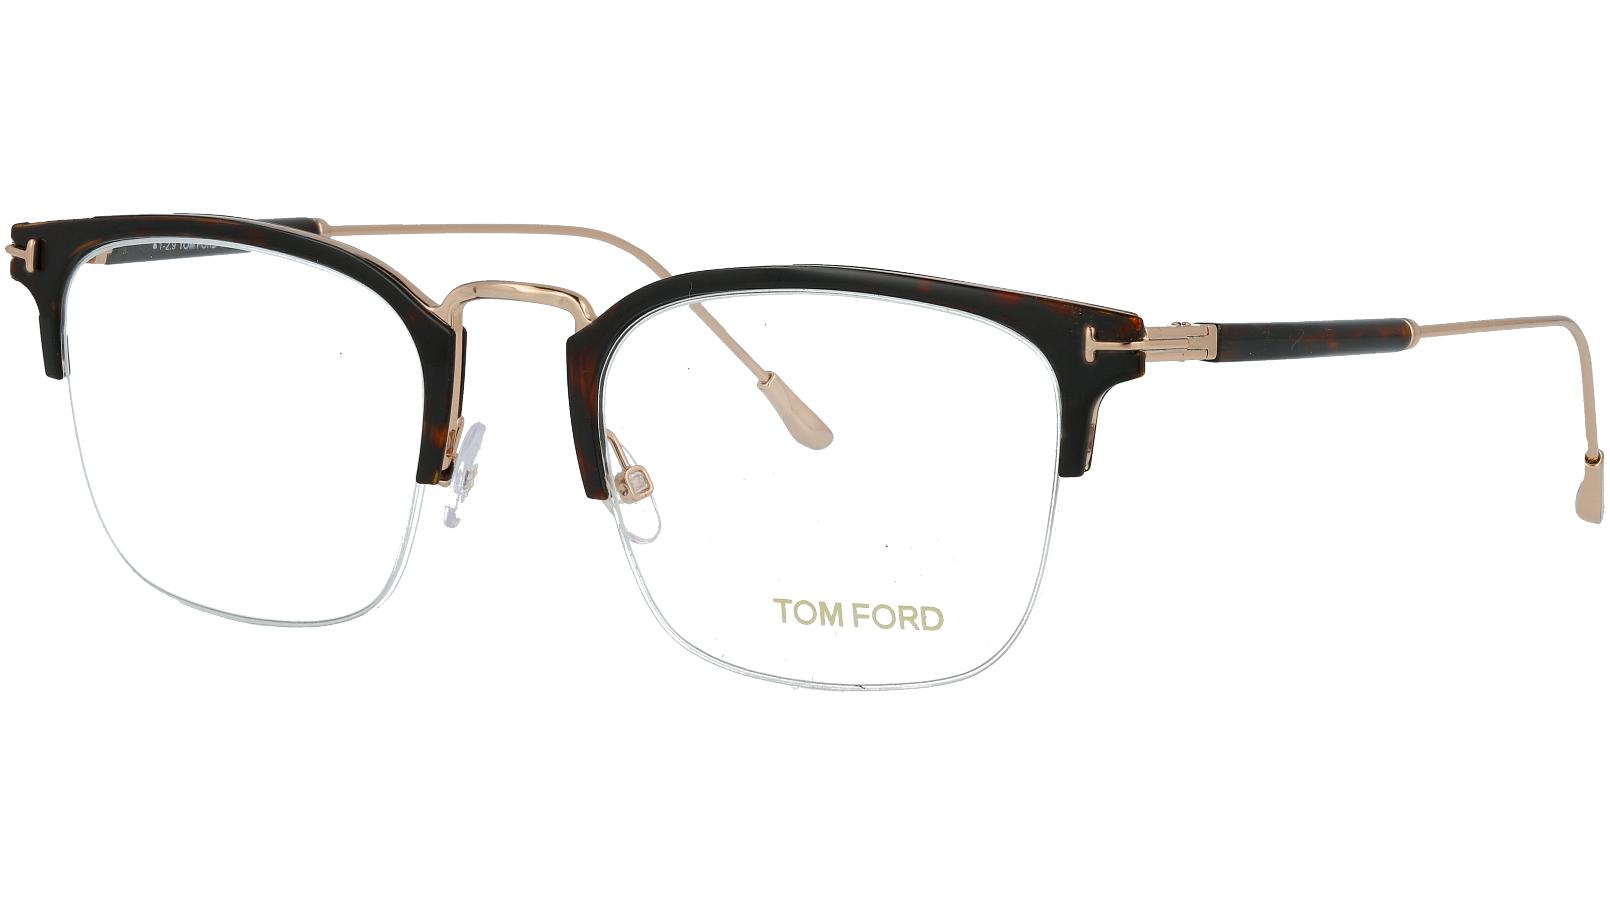 Tom Ford TF5611 052 52 Havana Titanium Glasses